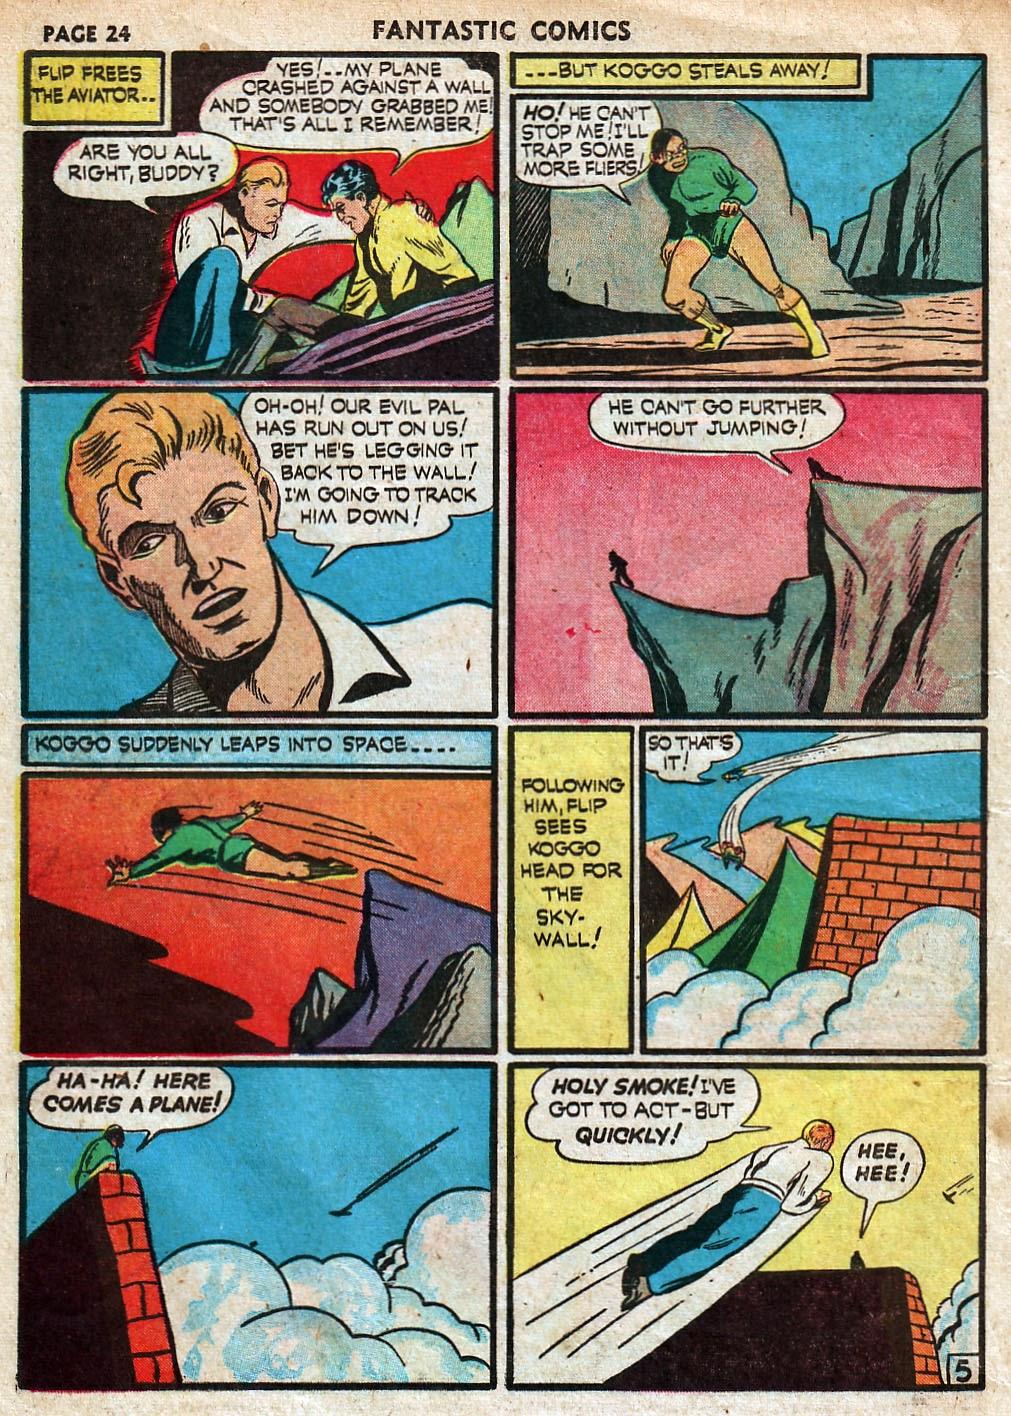 Read online Fantastic Comics comic -  Issue #18 - 26